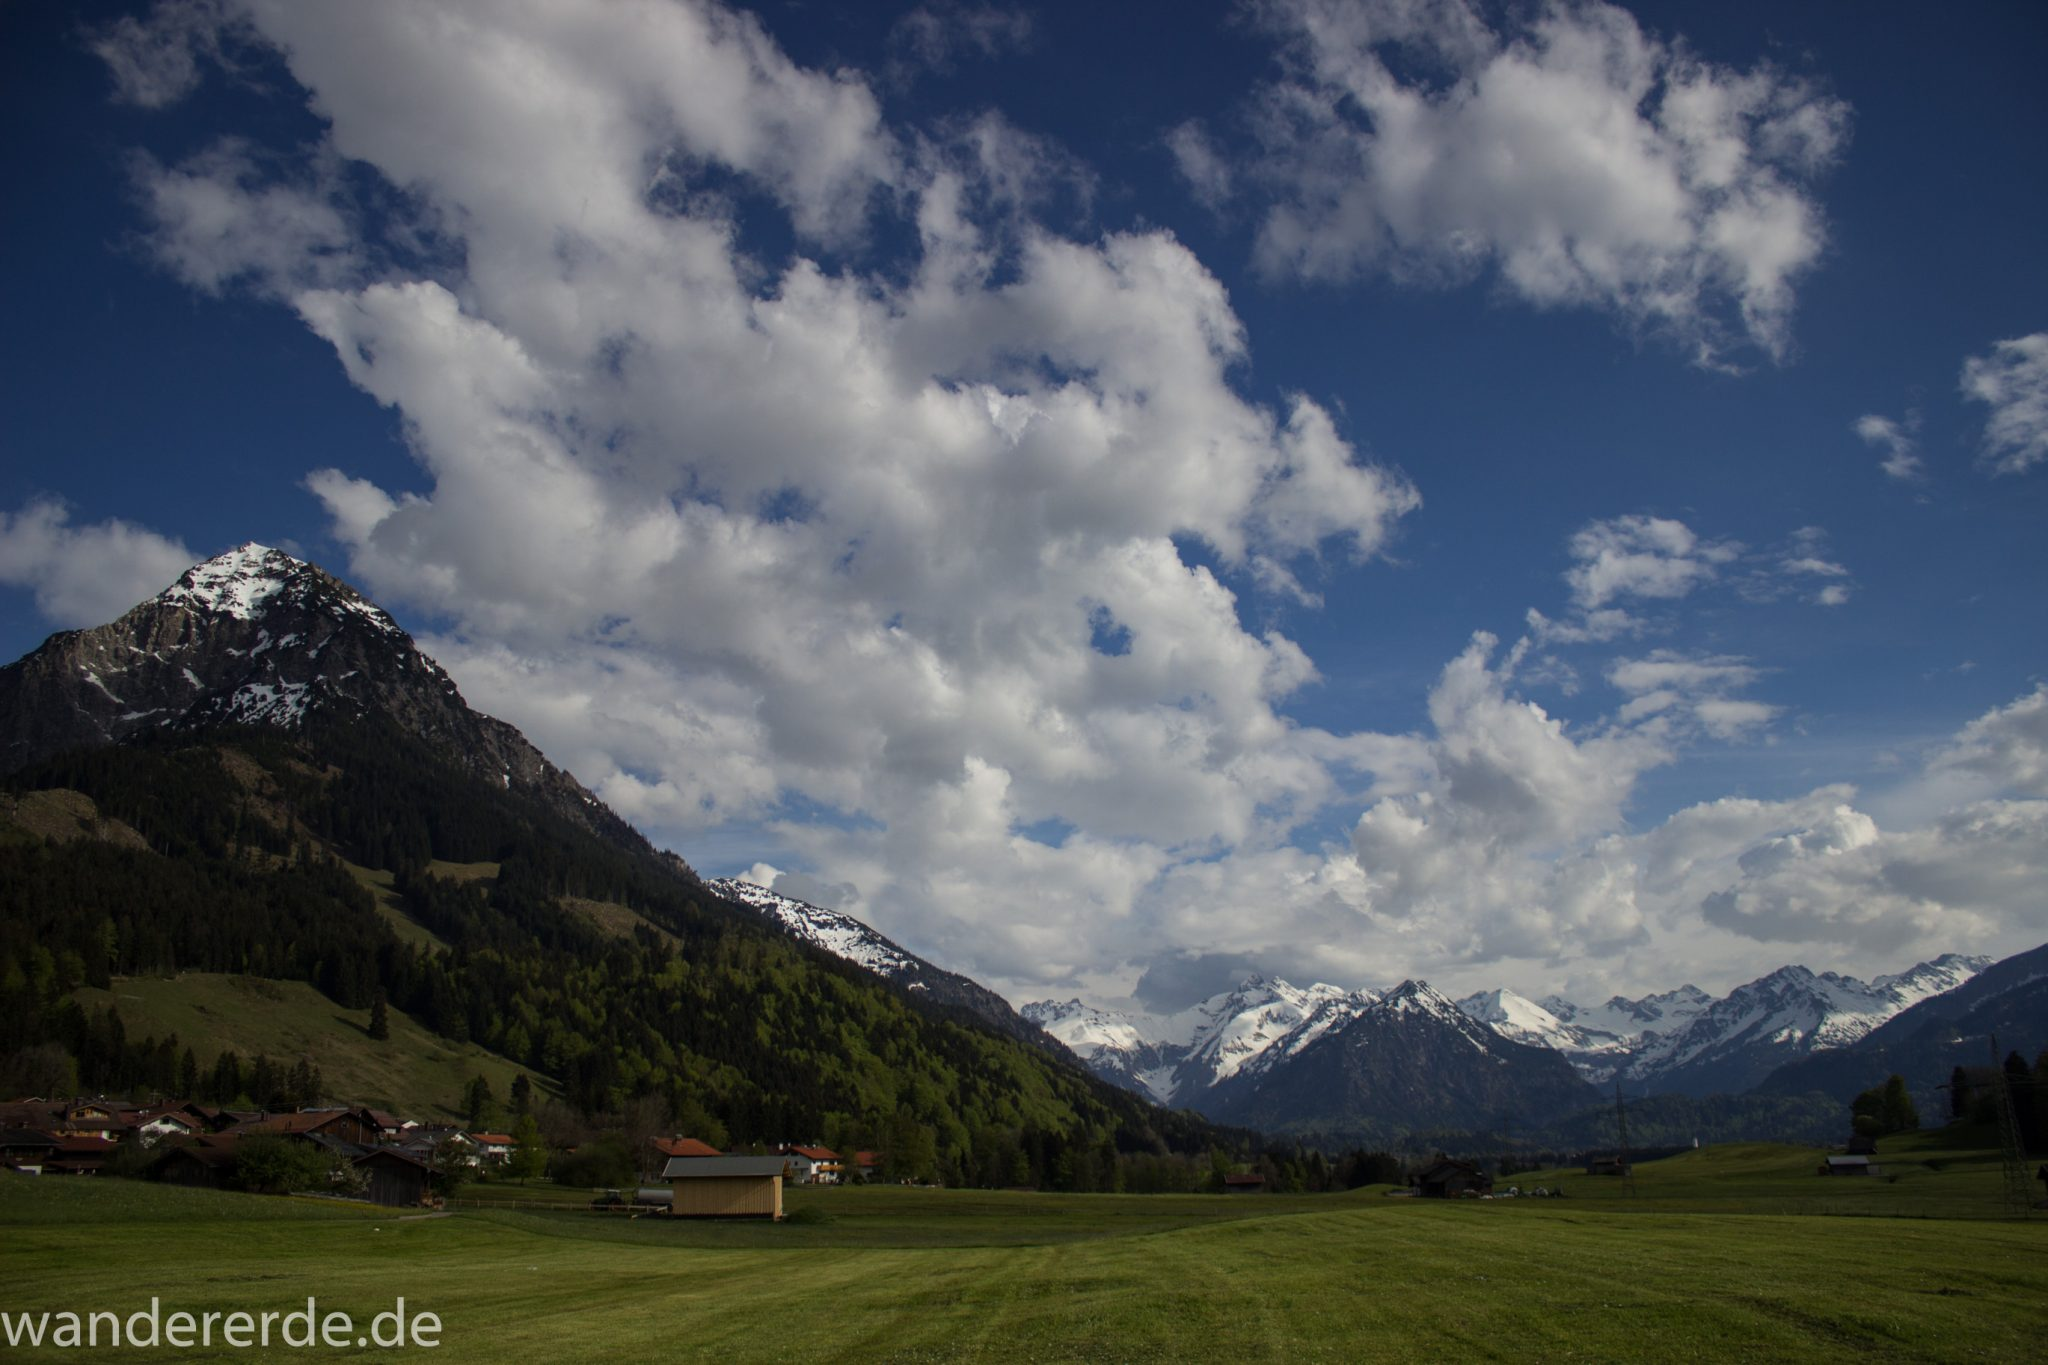 Wanderung Unterer Gaisalpsee, Abschnitt des Wanderwegs von Oberstdorf nach Fischen im Allgäu, Frühling im Allgäu, saftig grüne Wiesen, Blick auf Berge mit schneebedeckten Gipfeln